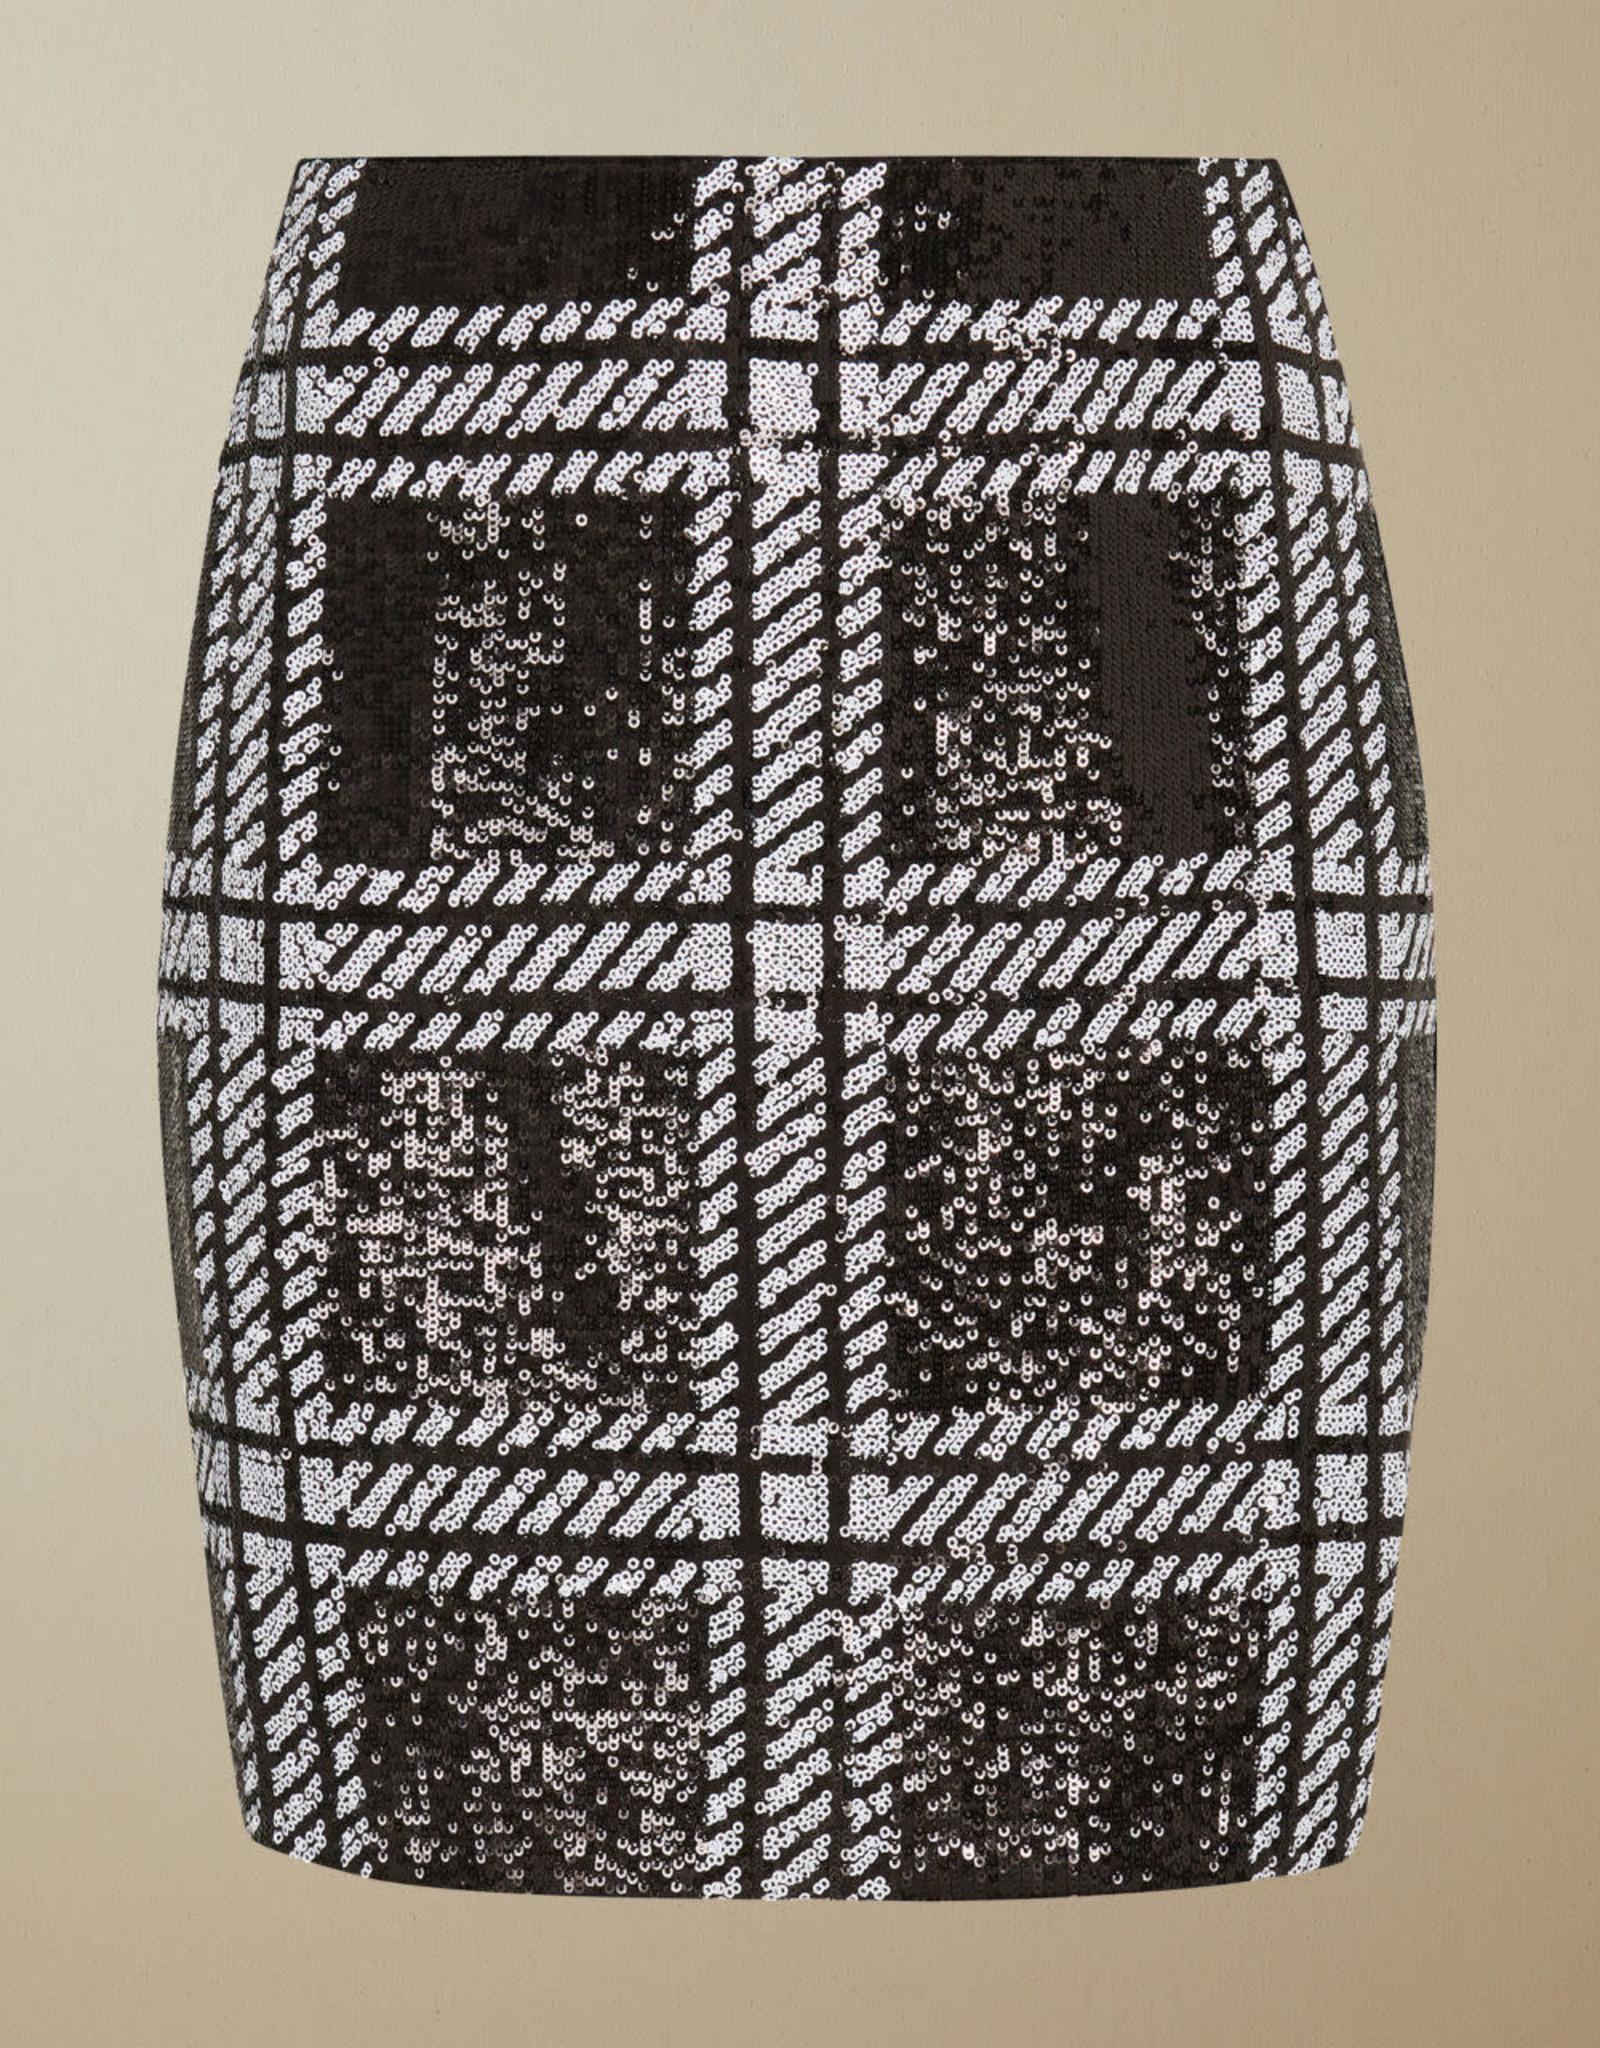 TED BAKER The Hoops Sequin Skirt